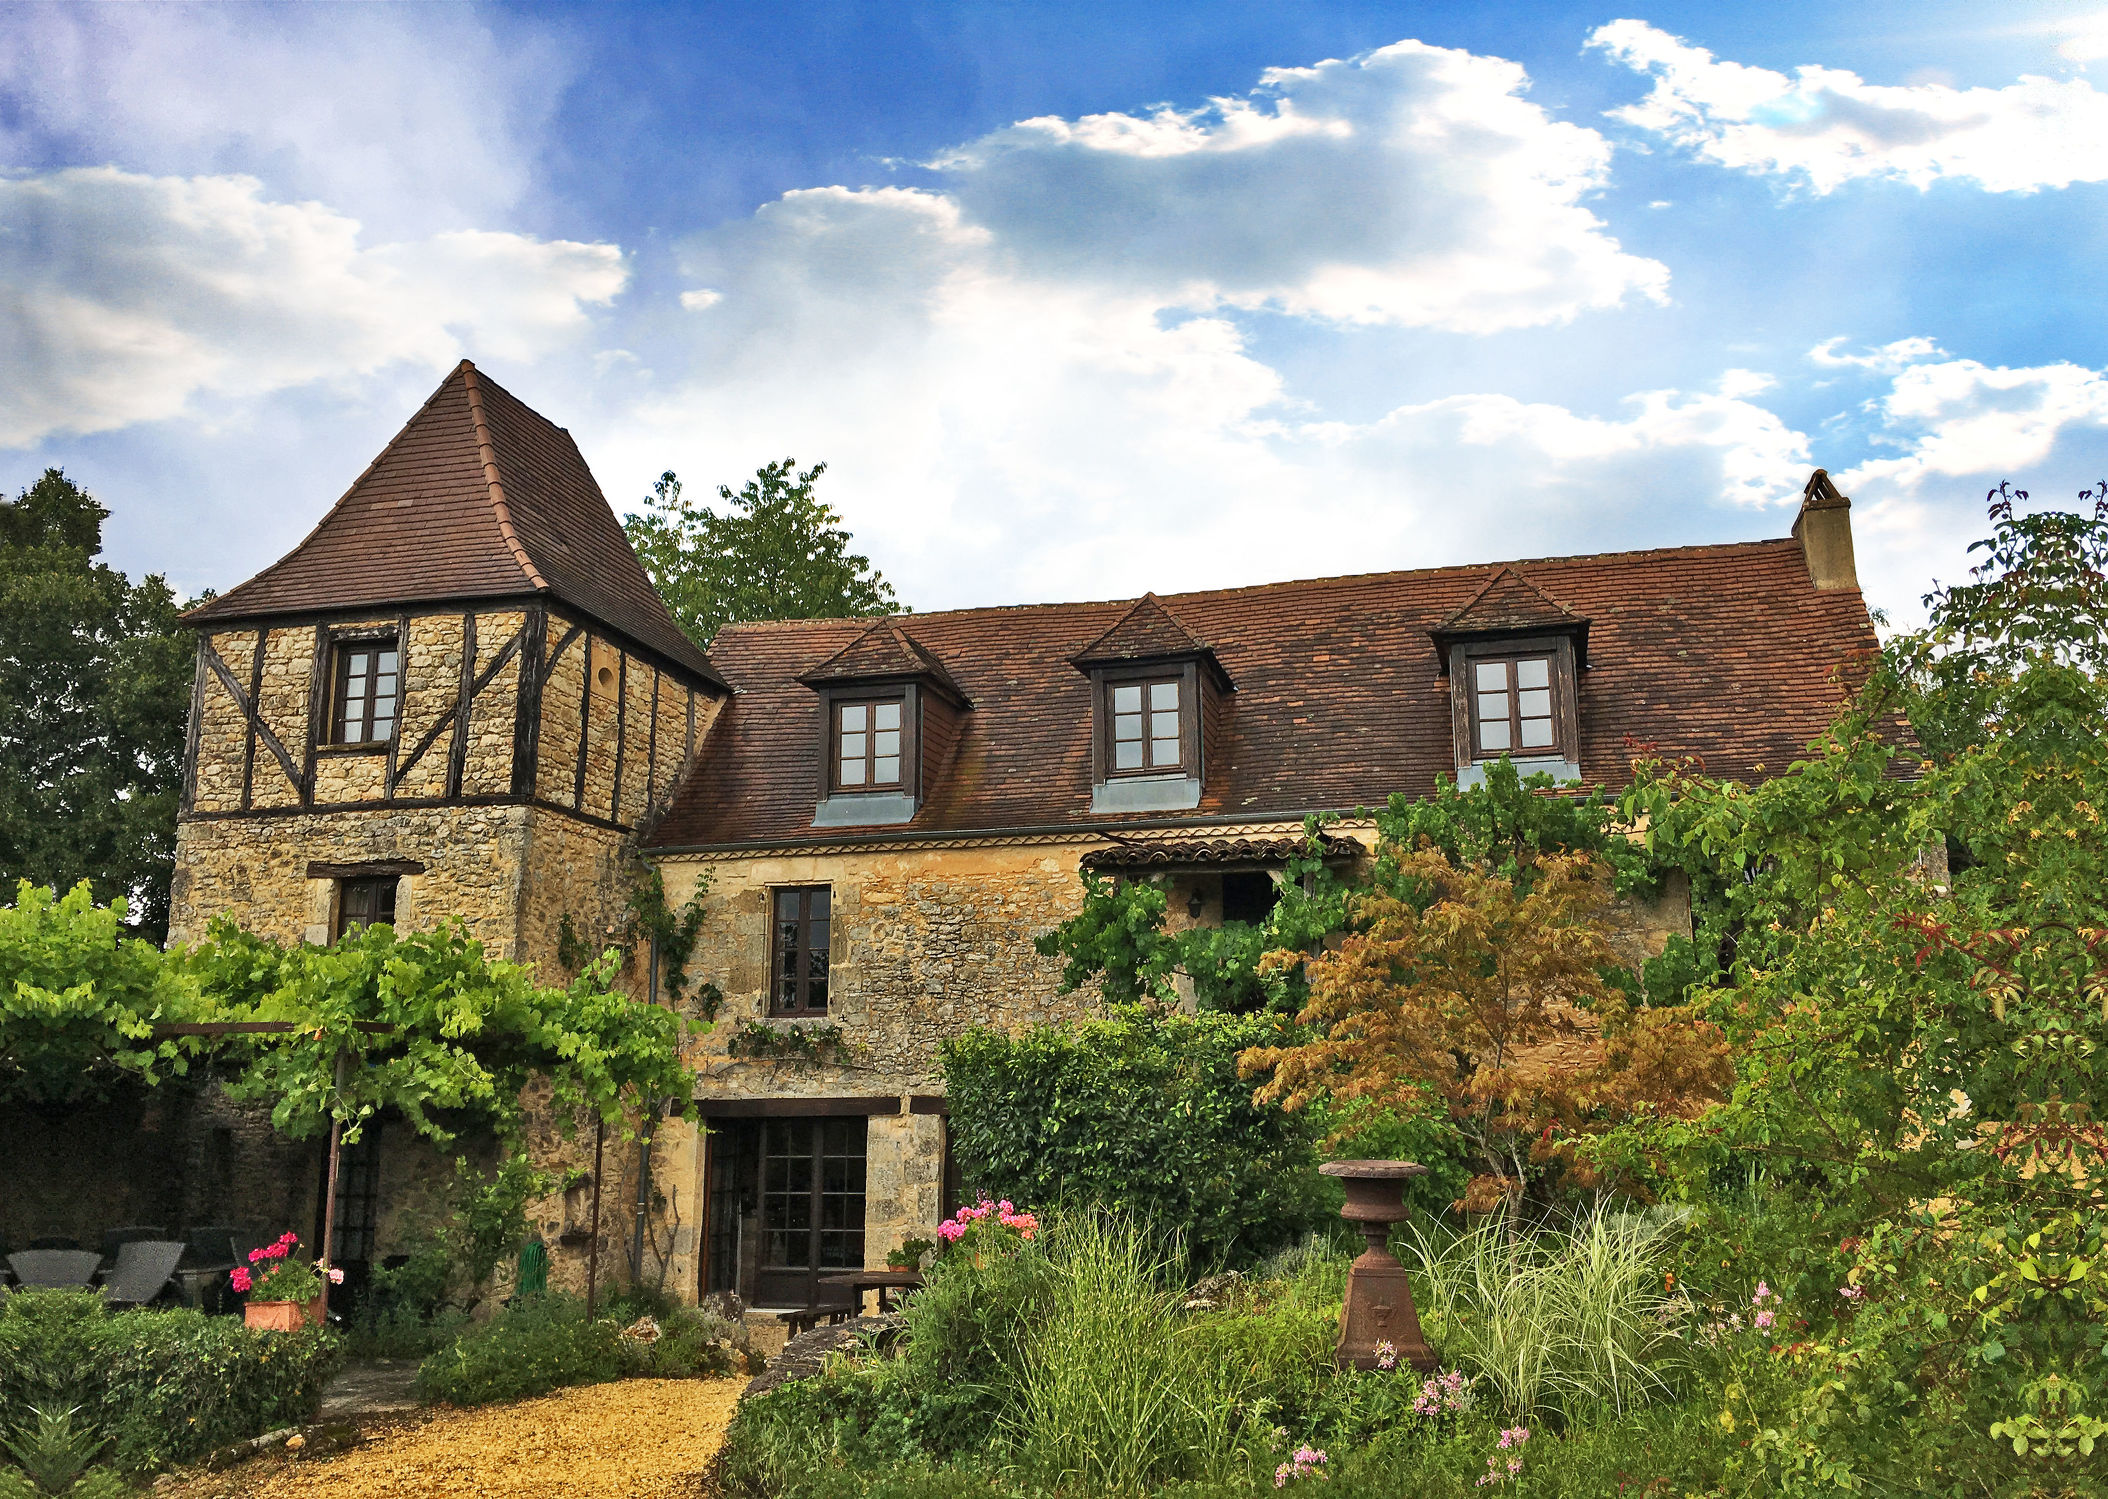 Bild mit Gebäude, Frankreich, Meyrals, Périgord, château de la Borderie, Anwesen, Gutshaus, Herrenhaus, Schloss, Rittergut, Weingut, Adelsgut